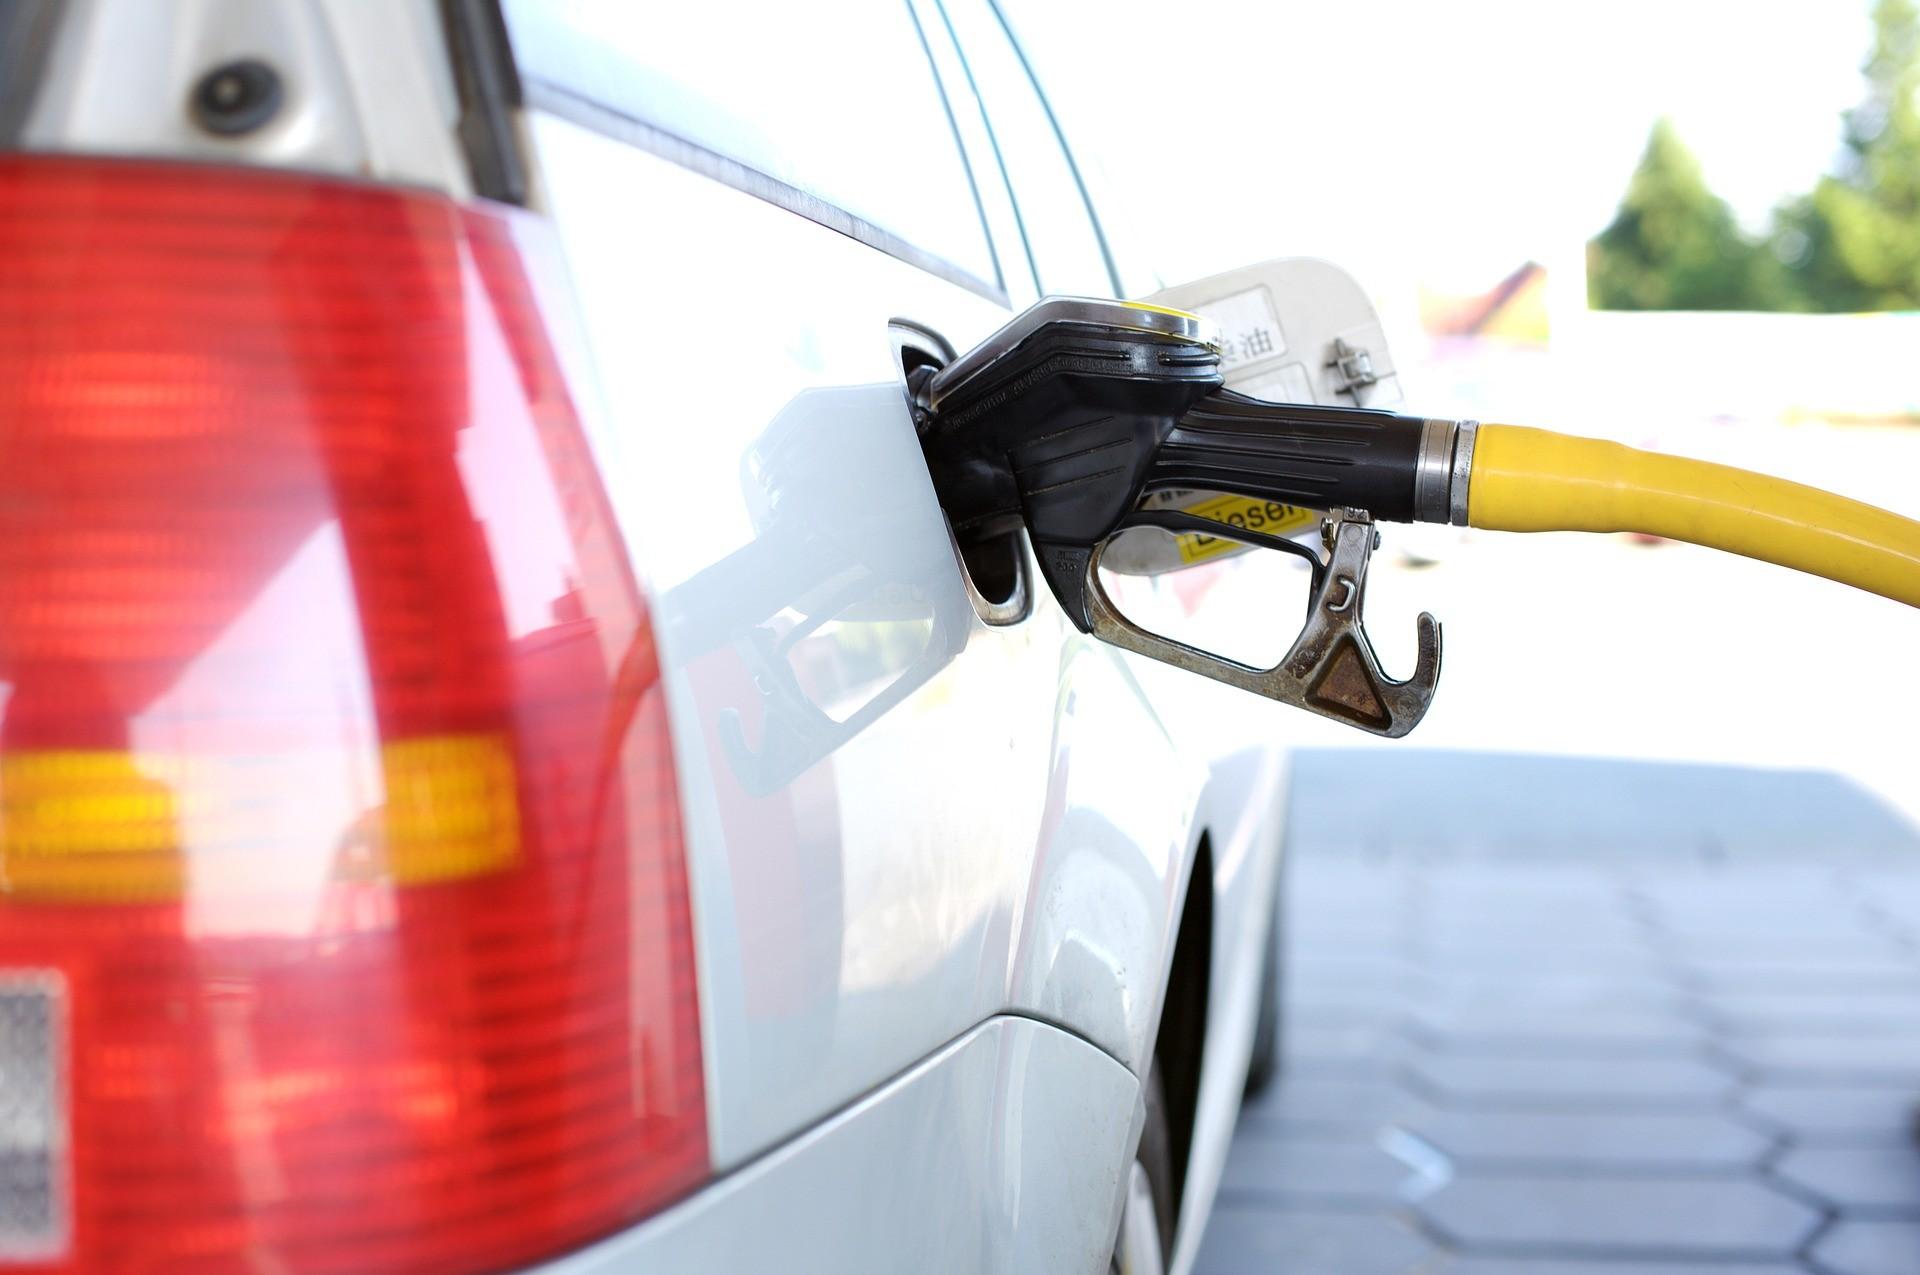 Emelkedik az üzemanyagok ára szombaton